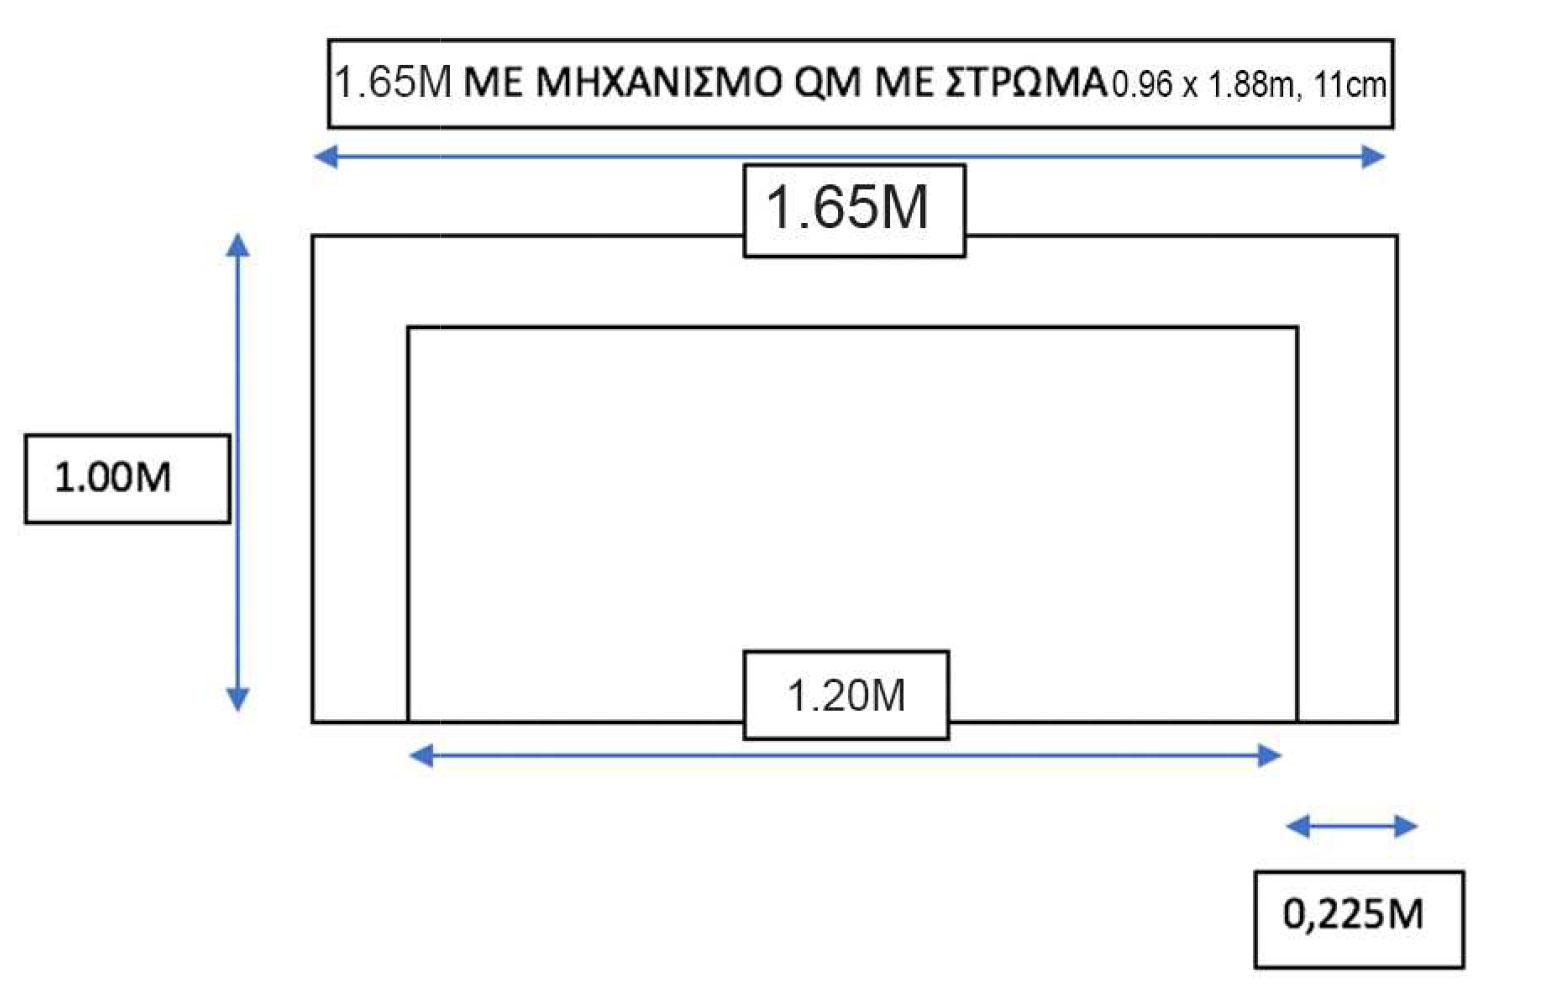 Πολυθρόνα Κρεβάτι Antiparos QM 1,65m x 1,00m με αναδιπλούμενο μηχανισμό